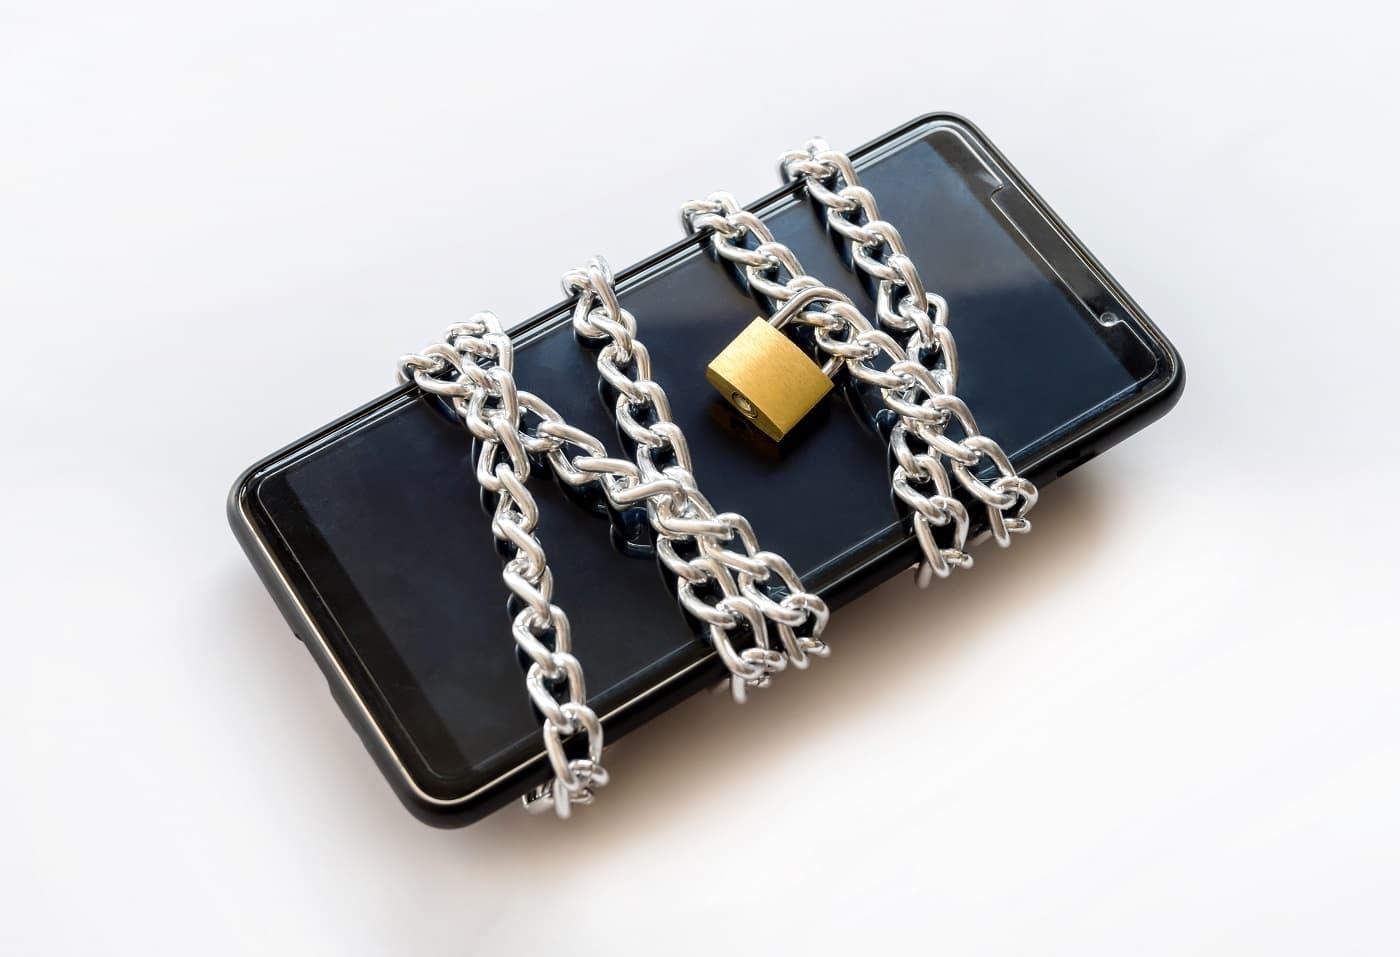 bloquear móvil perdido robado